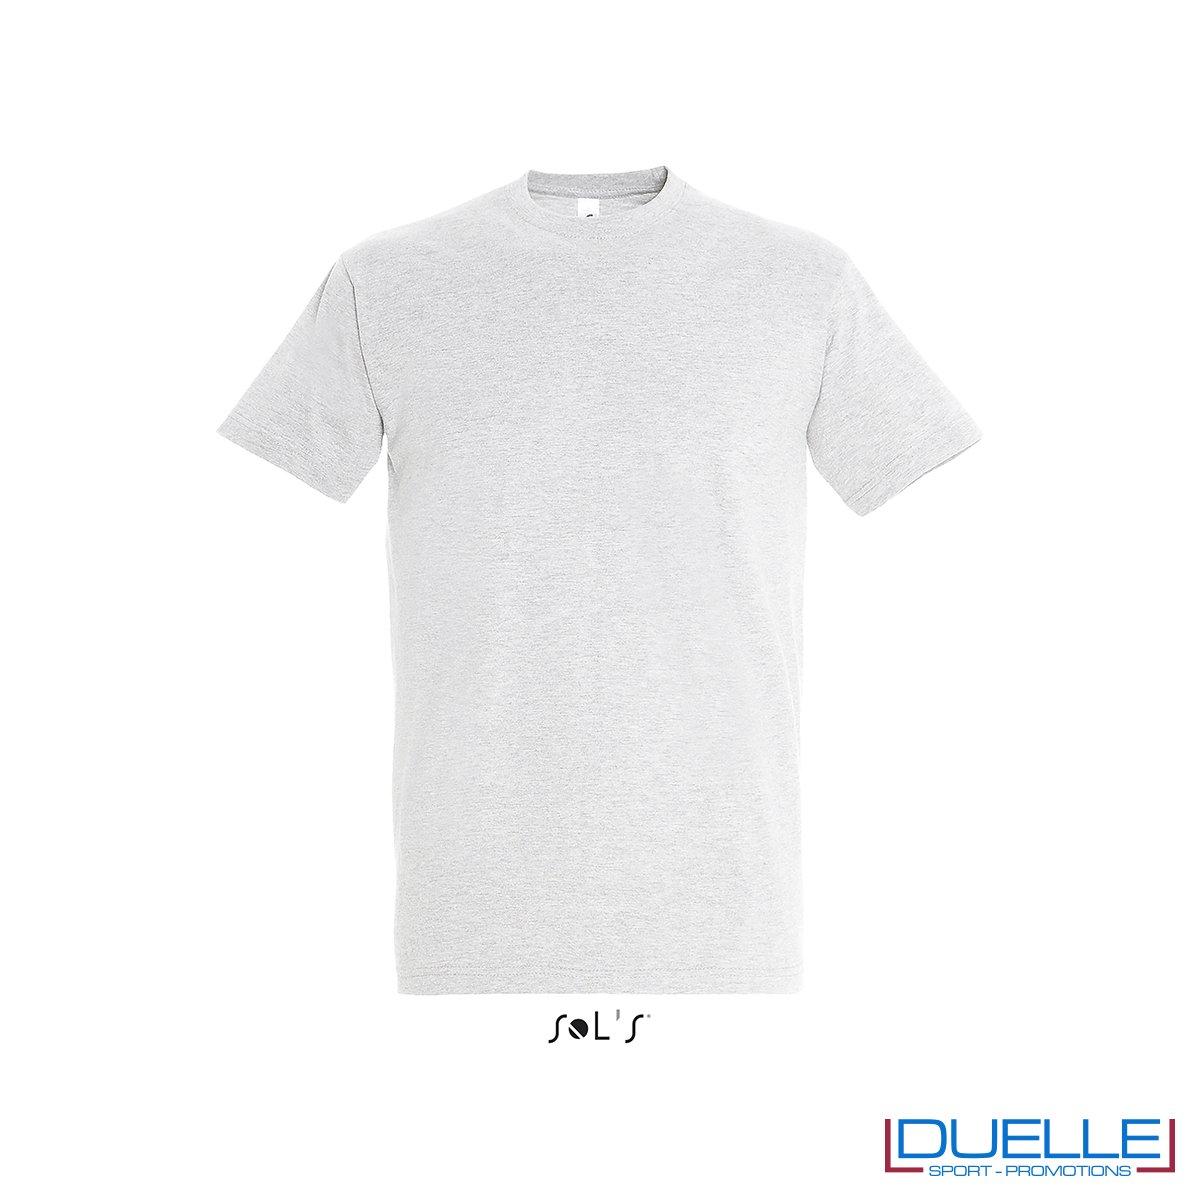 Tshirt promozionale in cotone pesante colore grigio chiaro personalizzata con stampa o ricamo